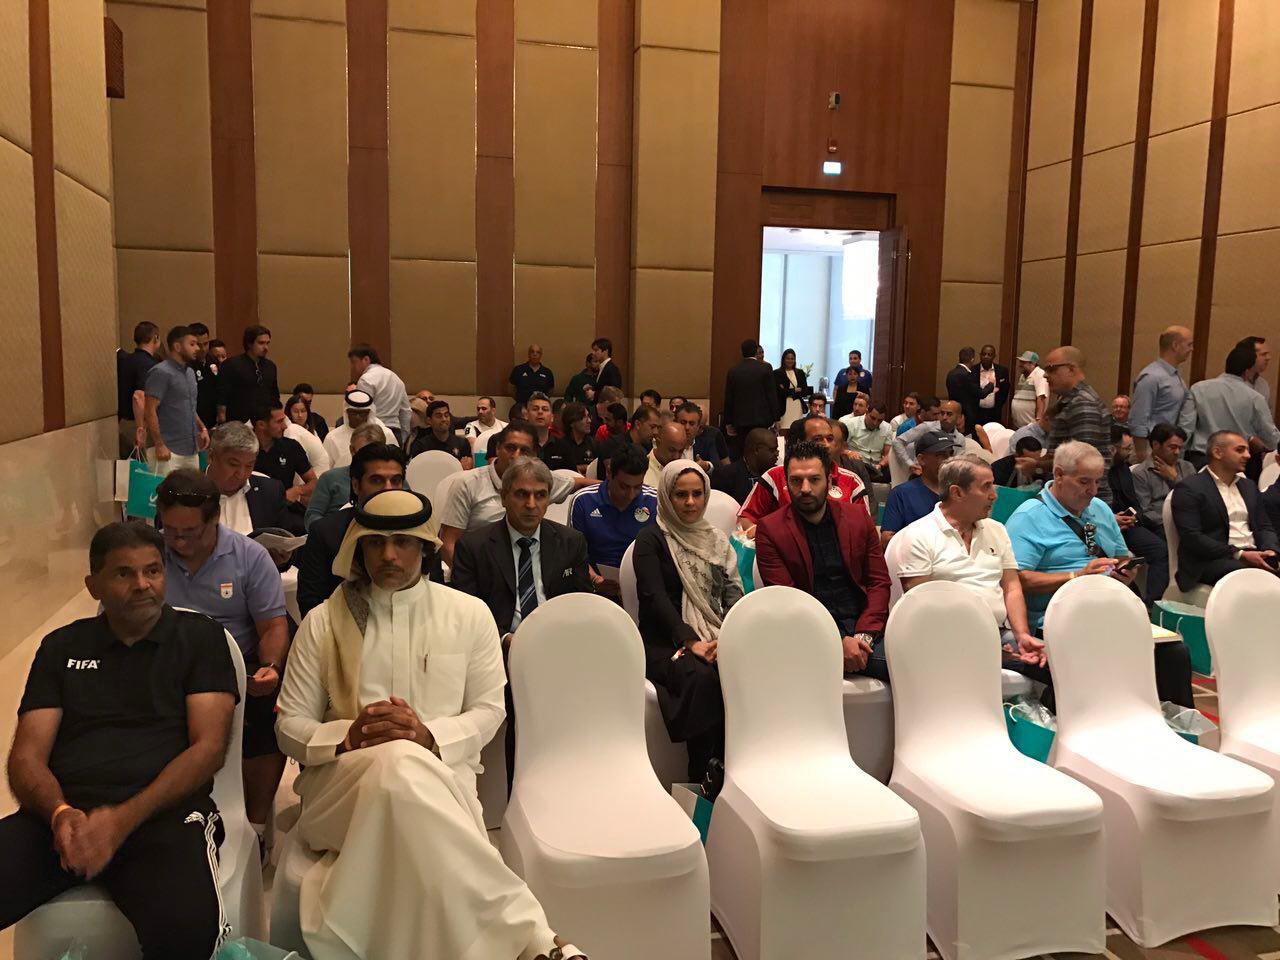 حضور سرمربی شهریار ساری در اجلاس مربيان و خانواده فوتبال ساحلي دنيا در امارات + عکس